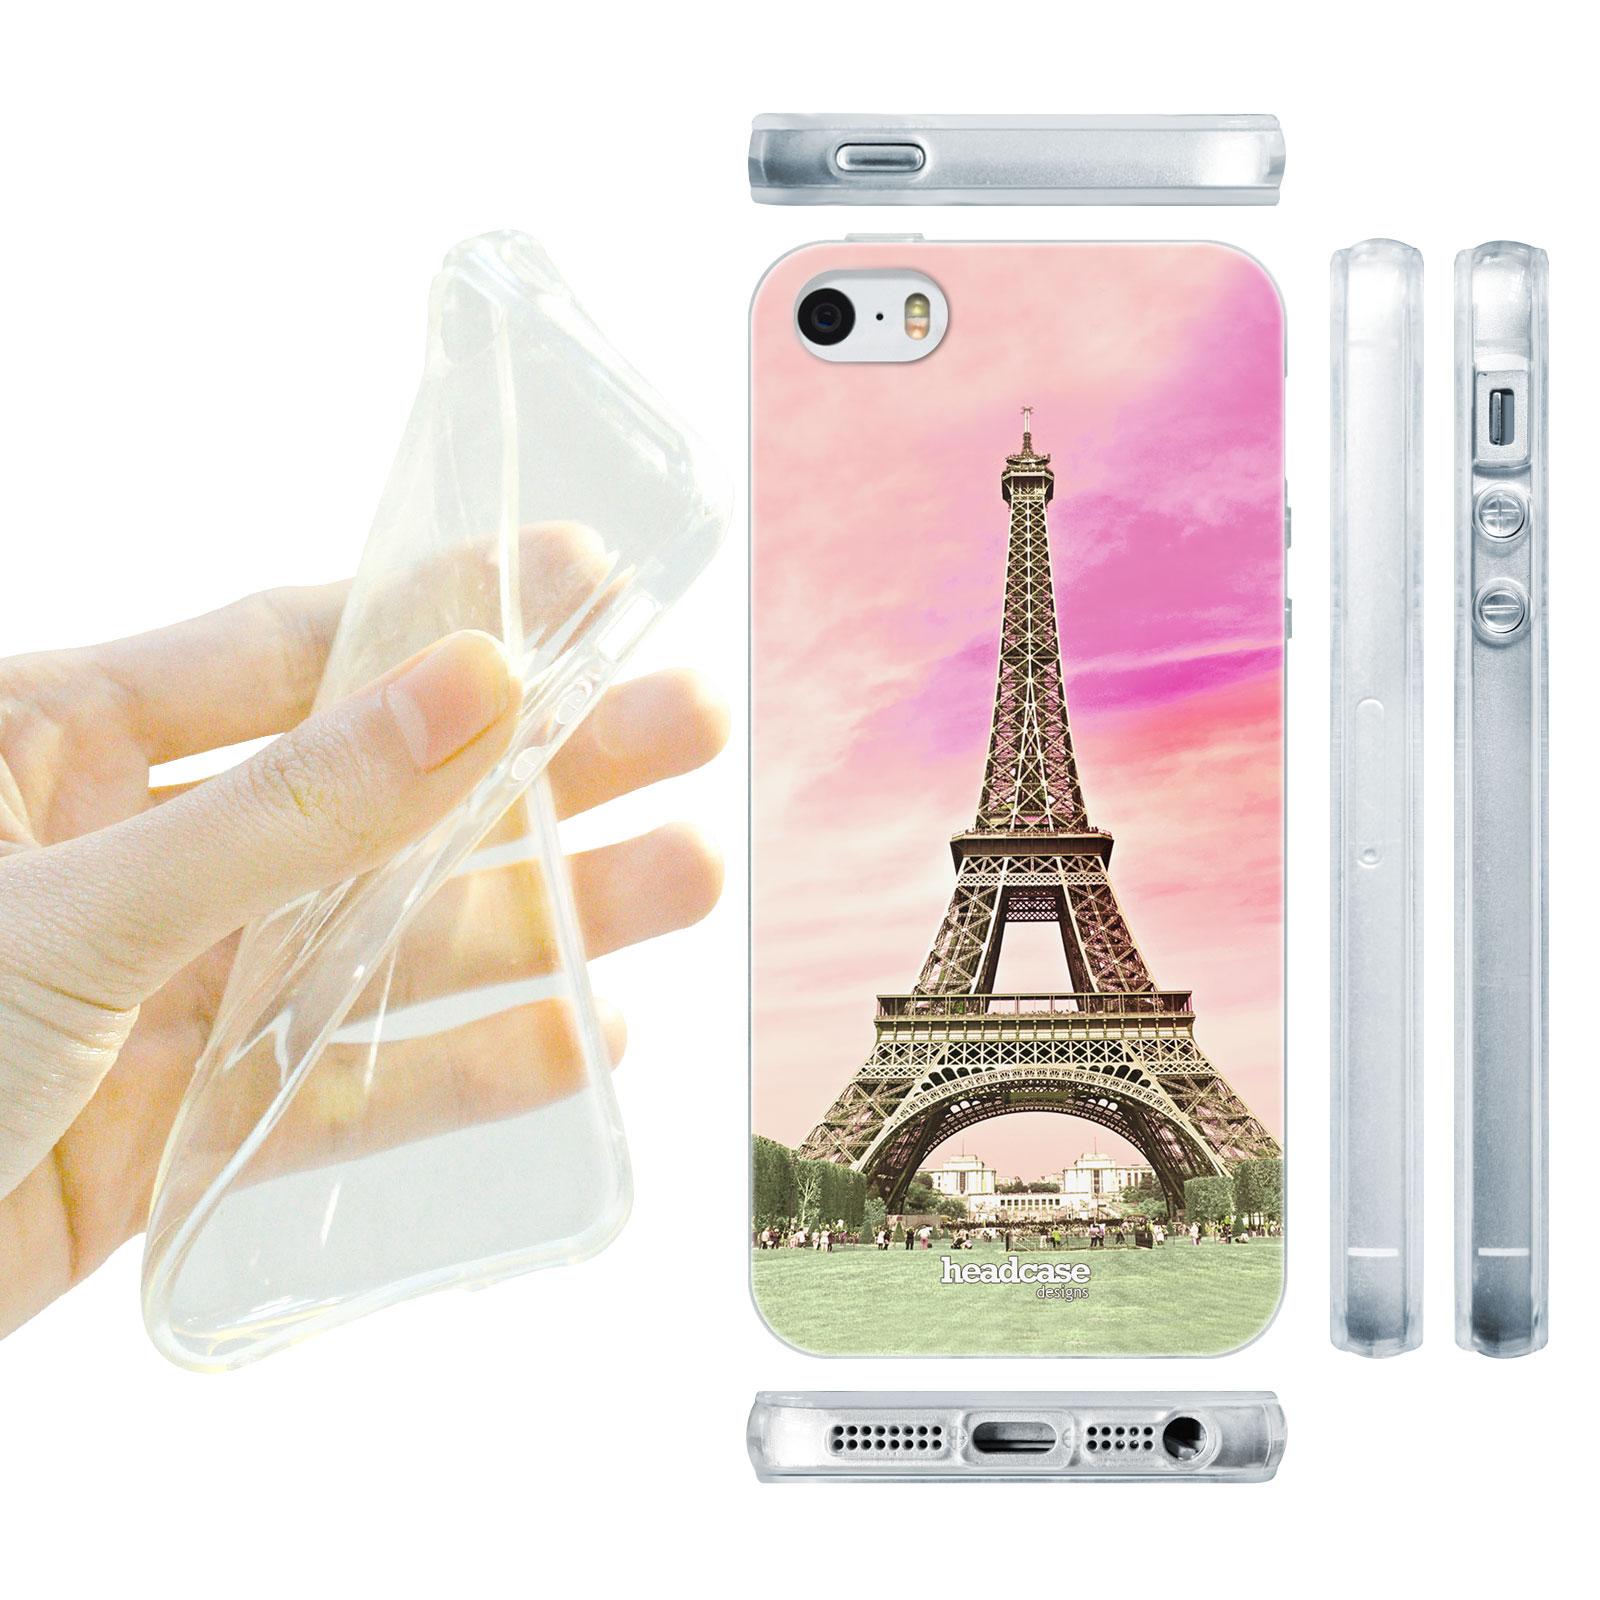 HEAD CASE silikonový obal na mobil Iphone 5 5S nejkrásnější místa Eiffelova  věž eafee951b7c